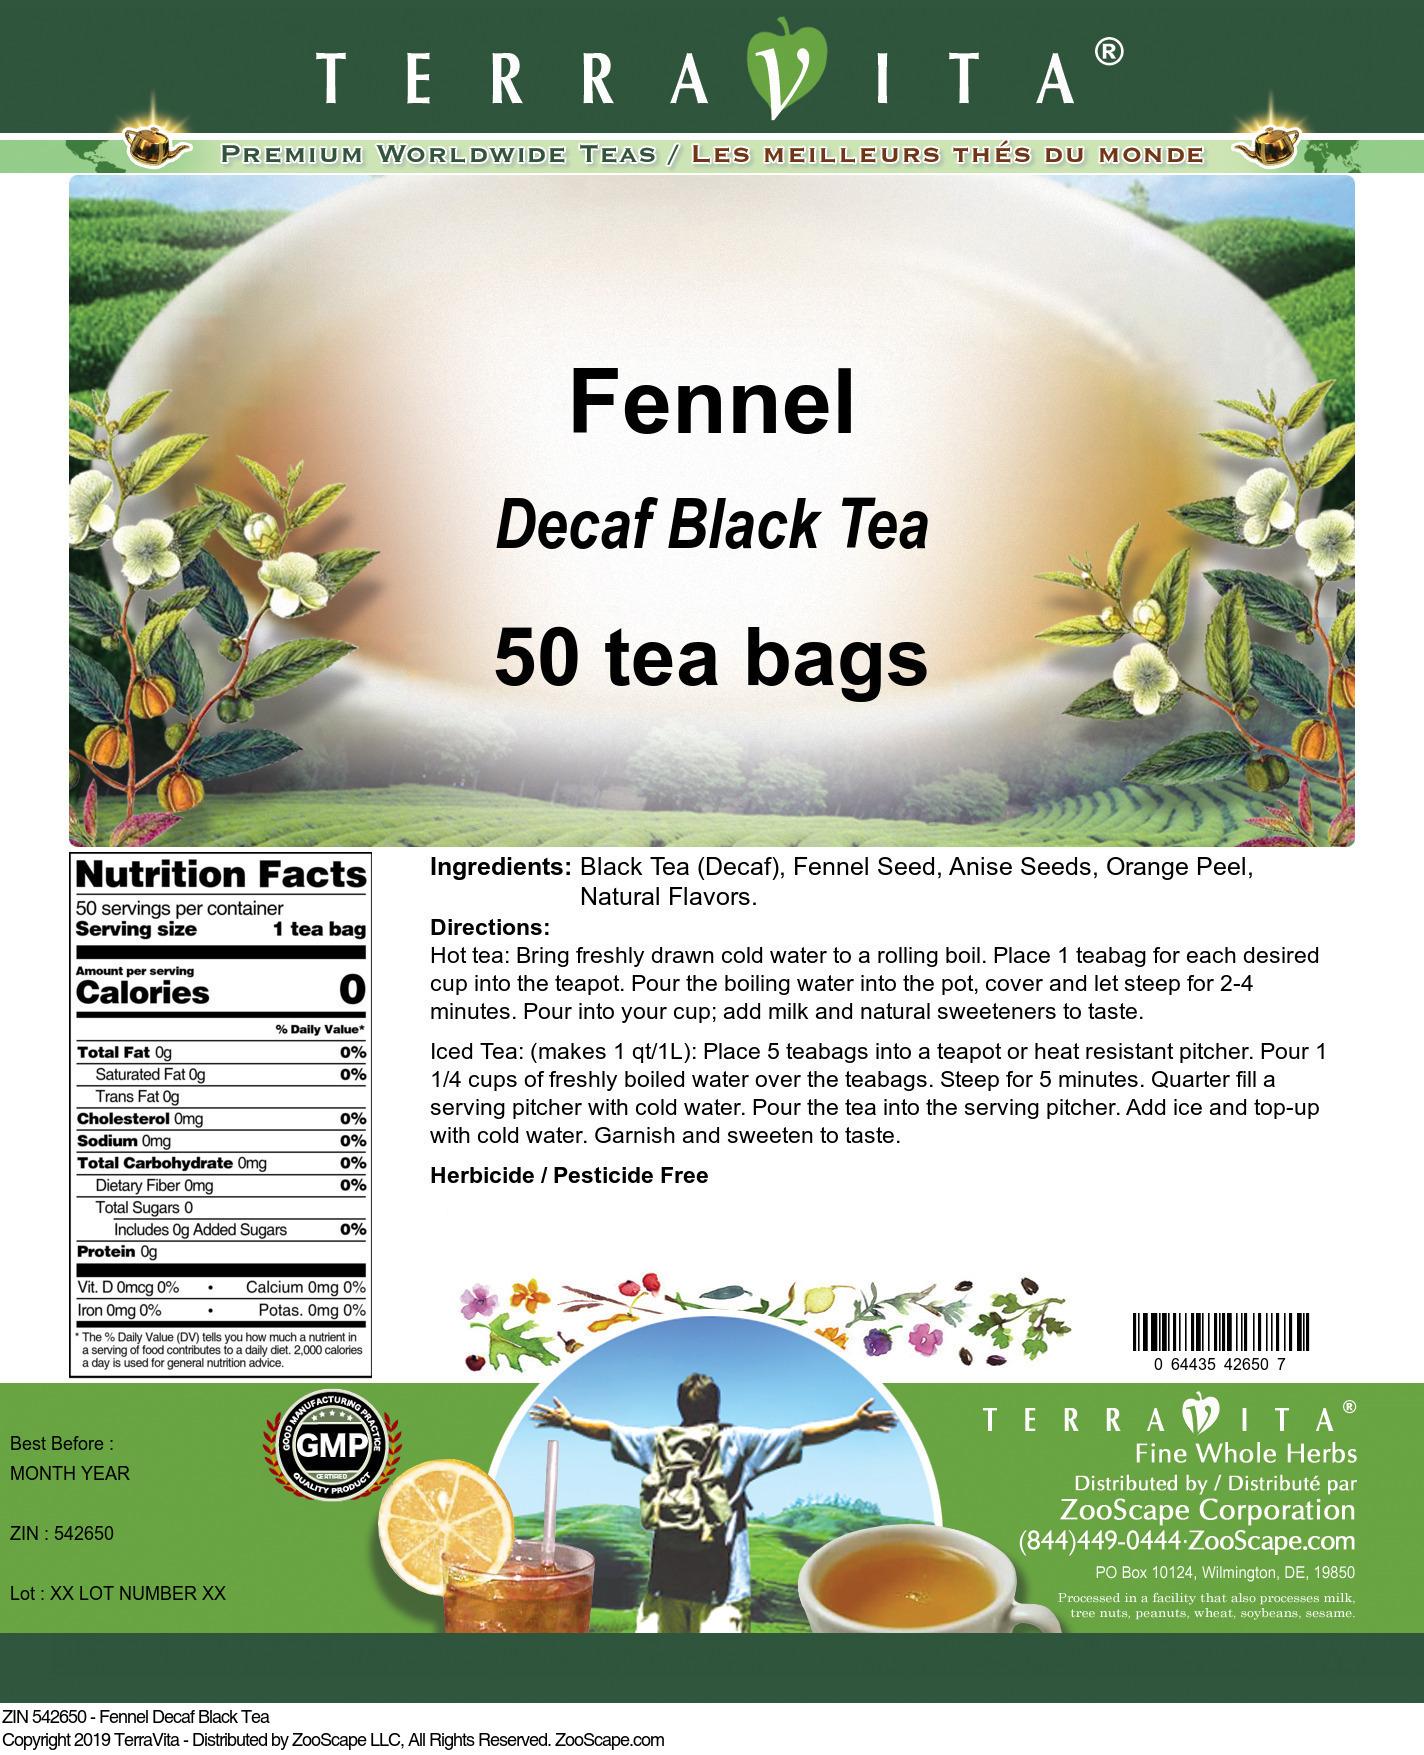 Fennel Decaf Black Tea